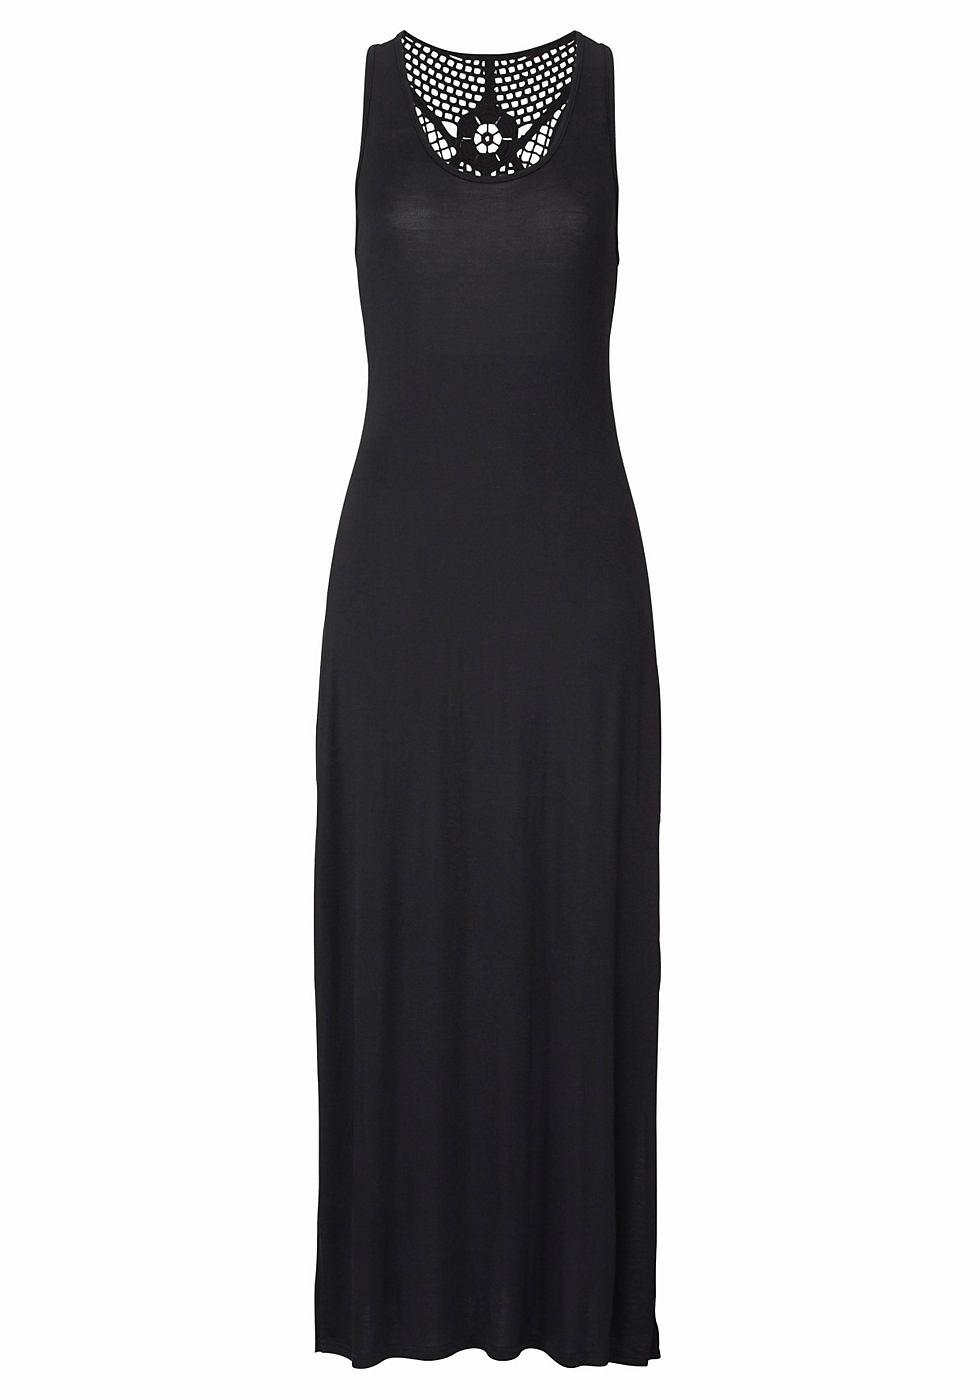 s.Oliver maxi-jurk zwart